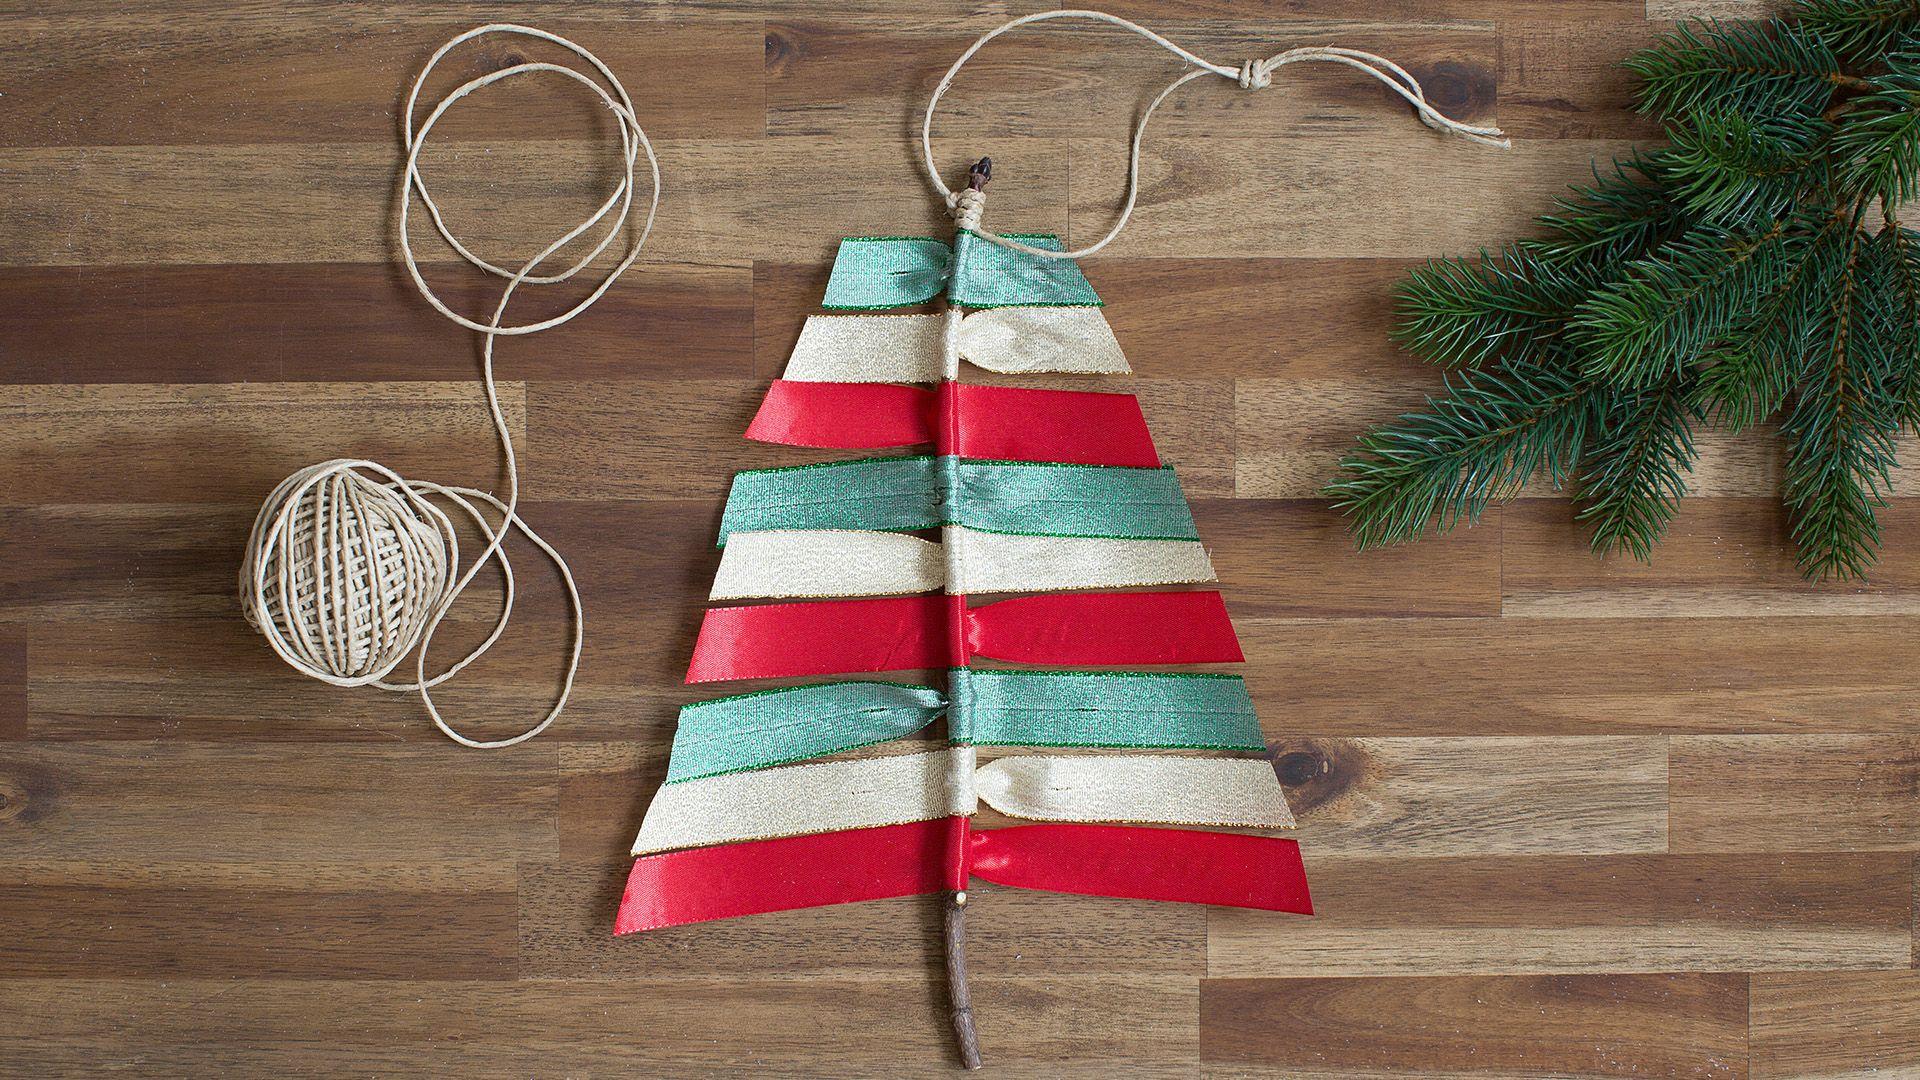 Deko-Christbaum aus Geschenkbändern von Lidl Österreich